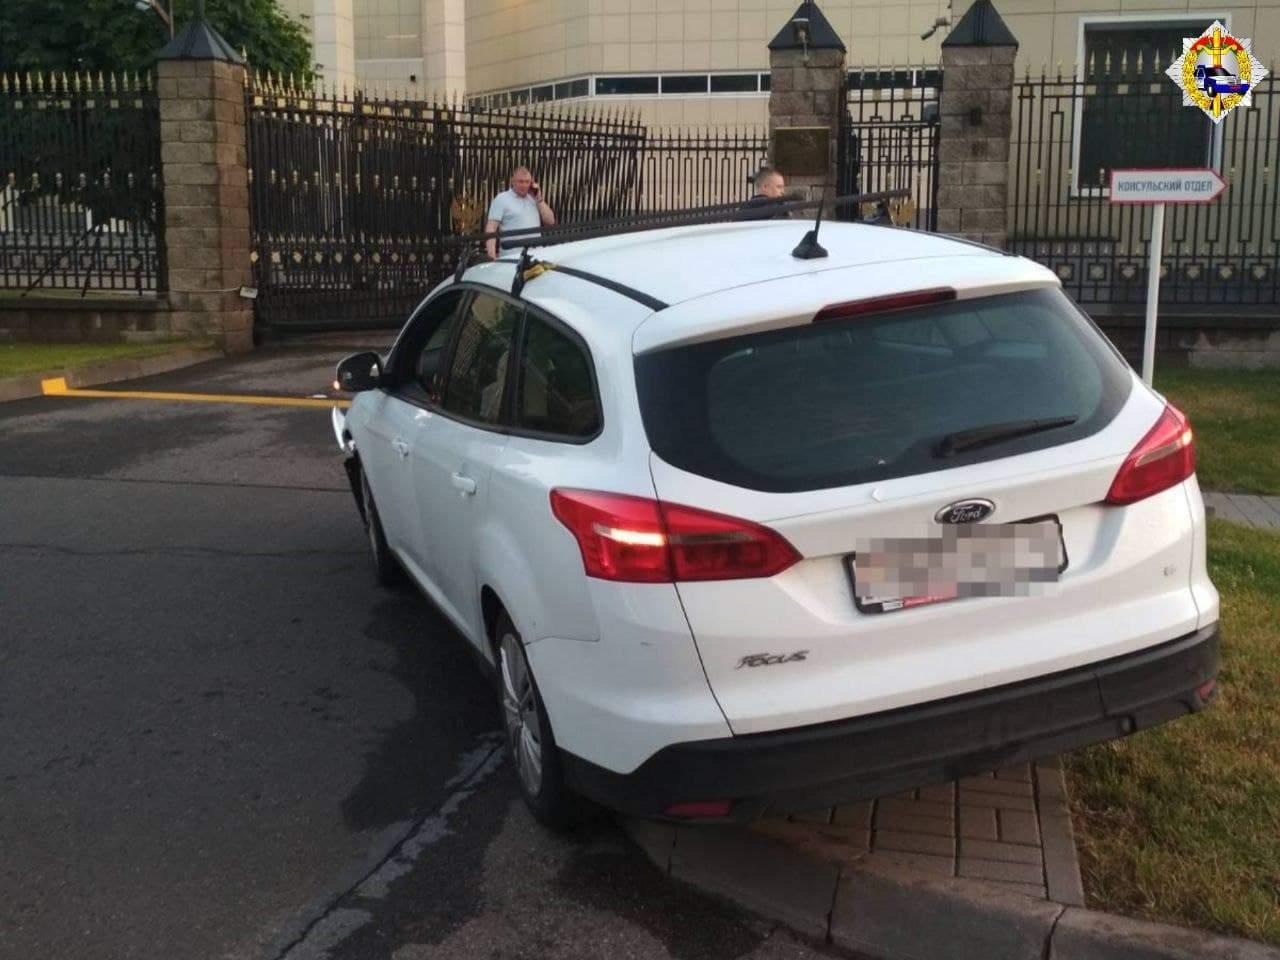 Минск, ДТП, протаранил ворота посольства России, РФ, наркотики